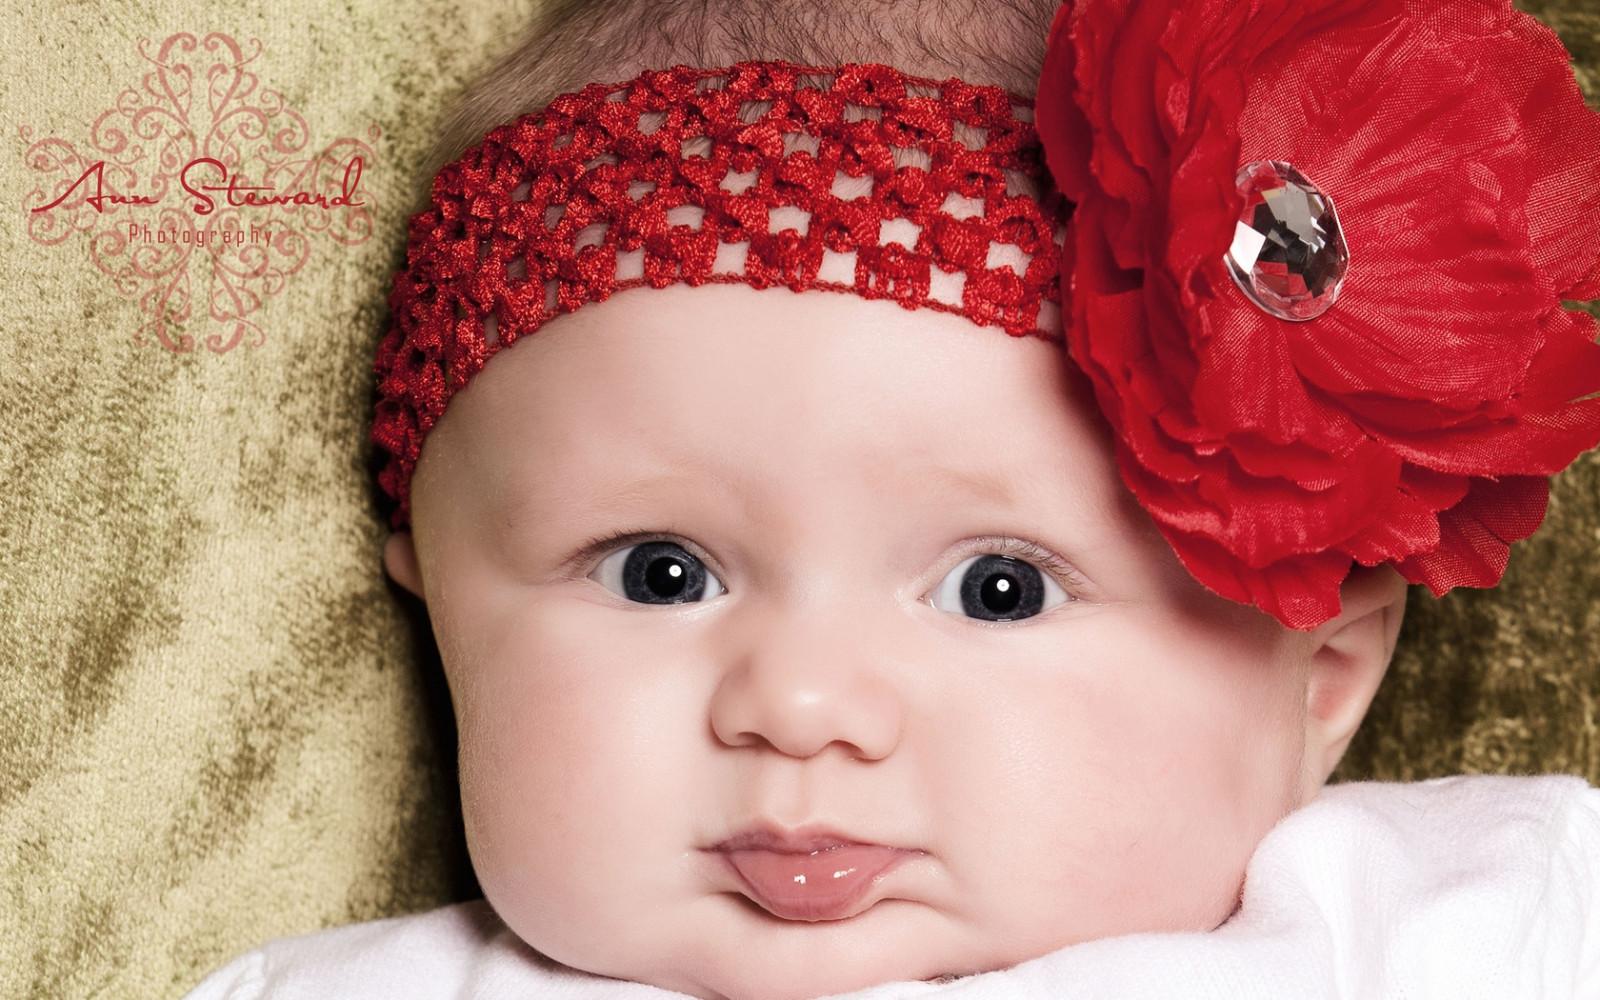 Fotos de bebes mas lindos 20